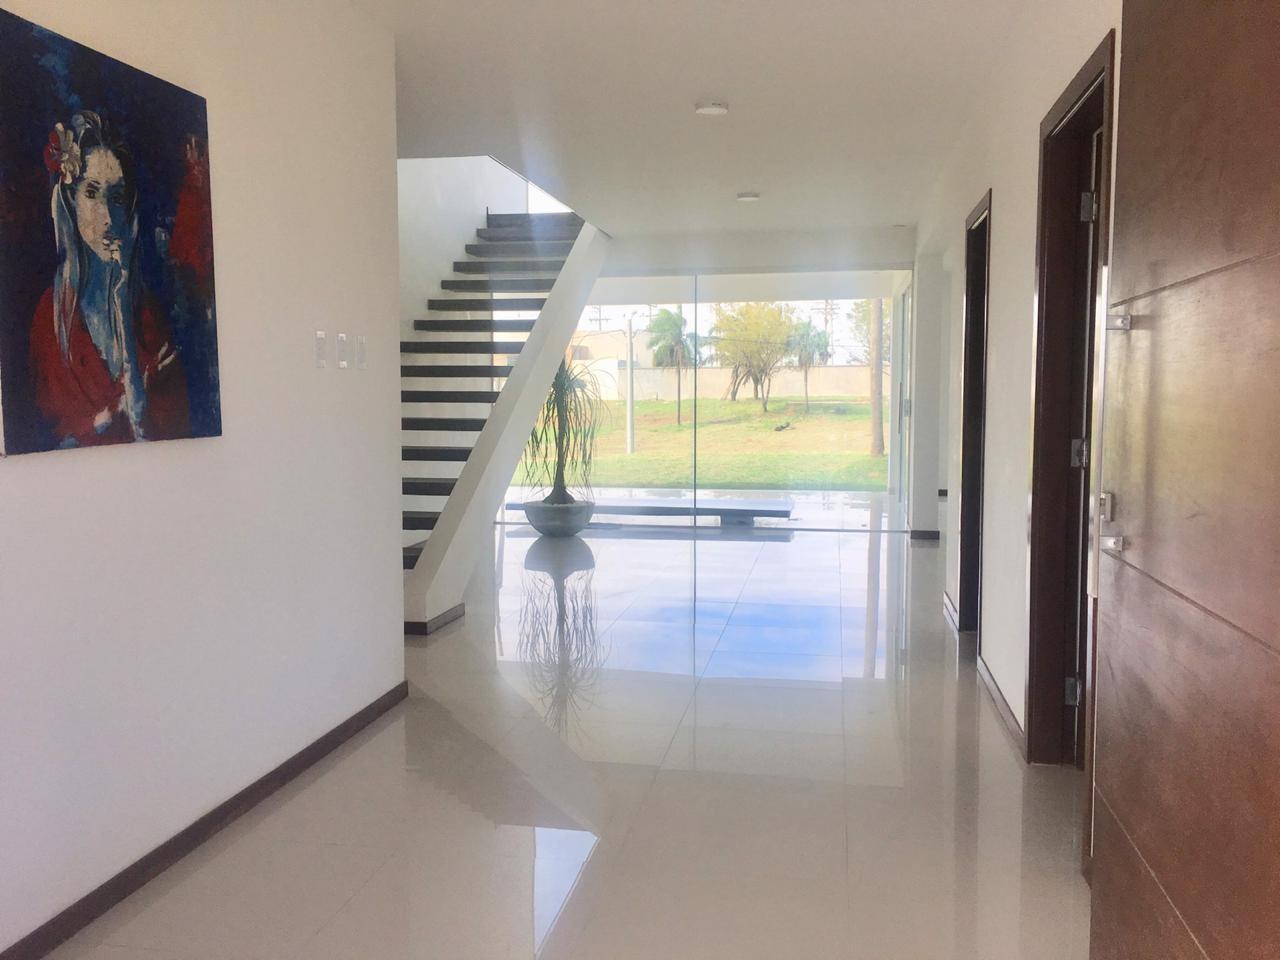 Casa en Venta ¡MODERNA Y AMPLIA CASA EN VENTA EN EL CONDOMINIO CERRADO LOMAS DEL BOSQUE, URUBO! Foto 3